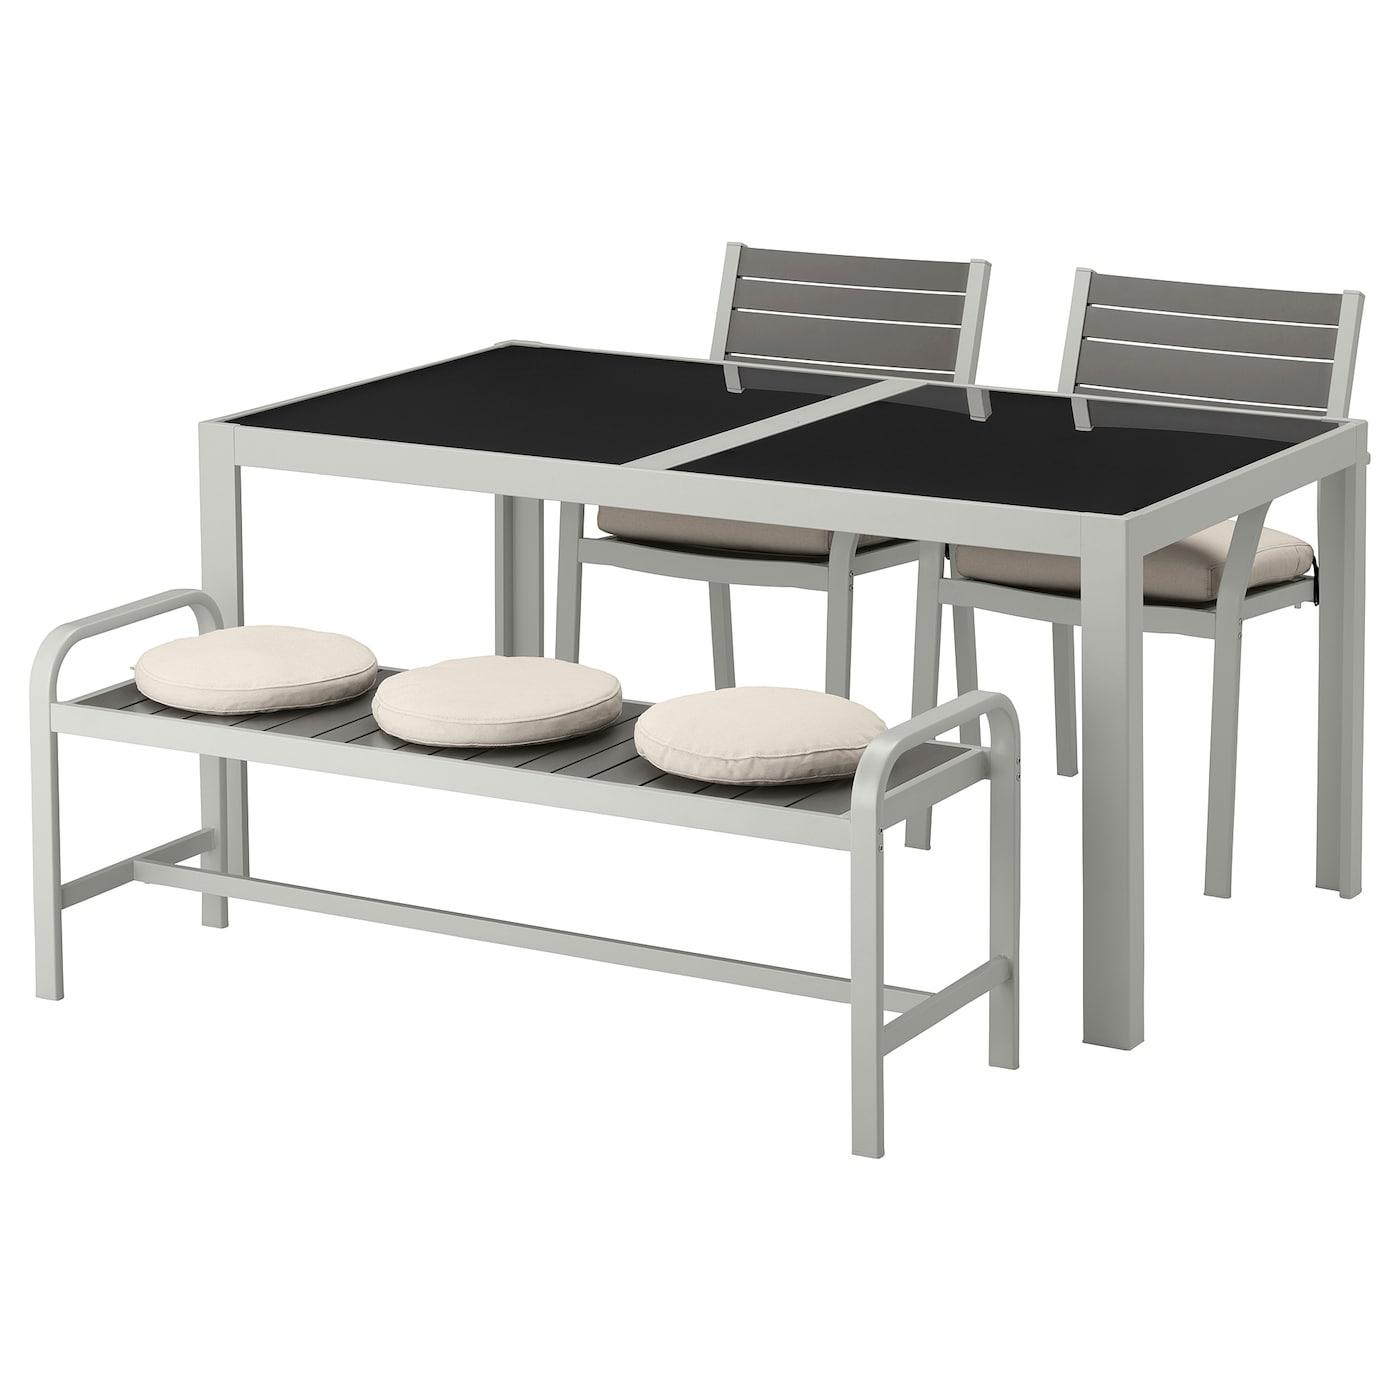 Abdeckplane Gartenmobel Ikea Finest Applaro Tischaussen Ikea Von